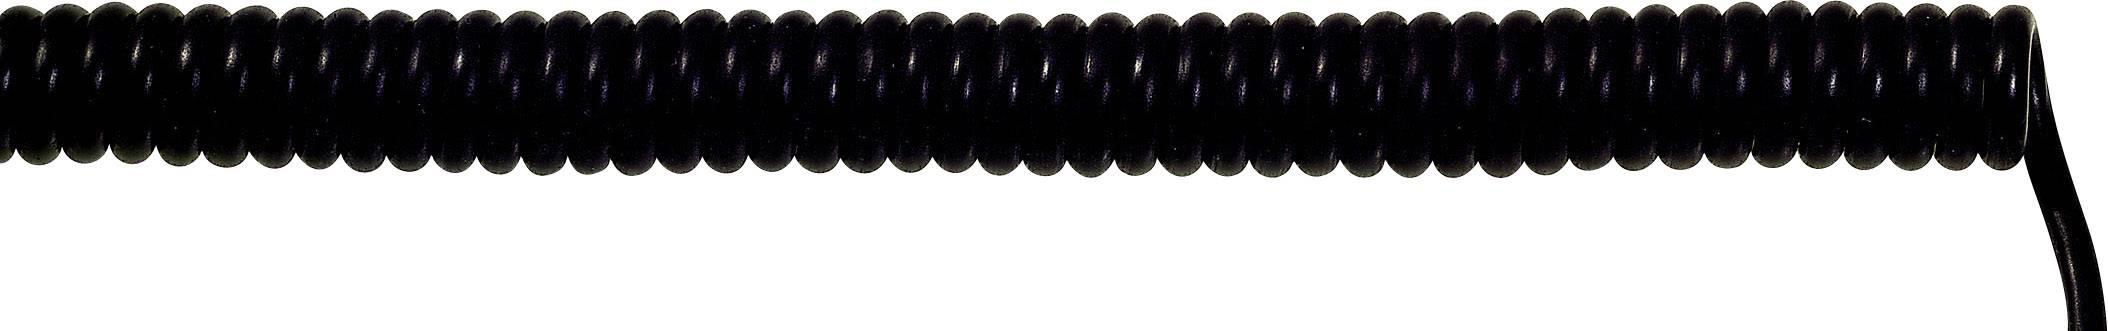 Spirálový kabel 73220254 UNITRONIC® SPIRAL 4 x 0.25 mm², 500 mm / 2000 mm, černá